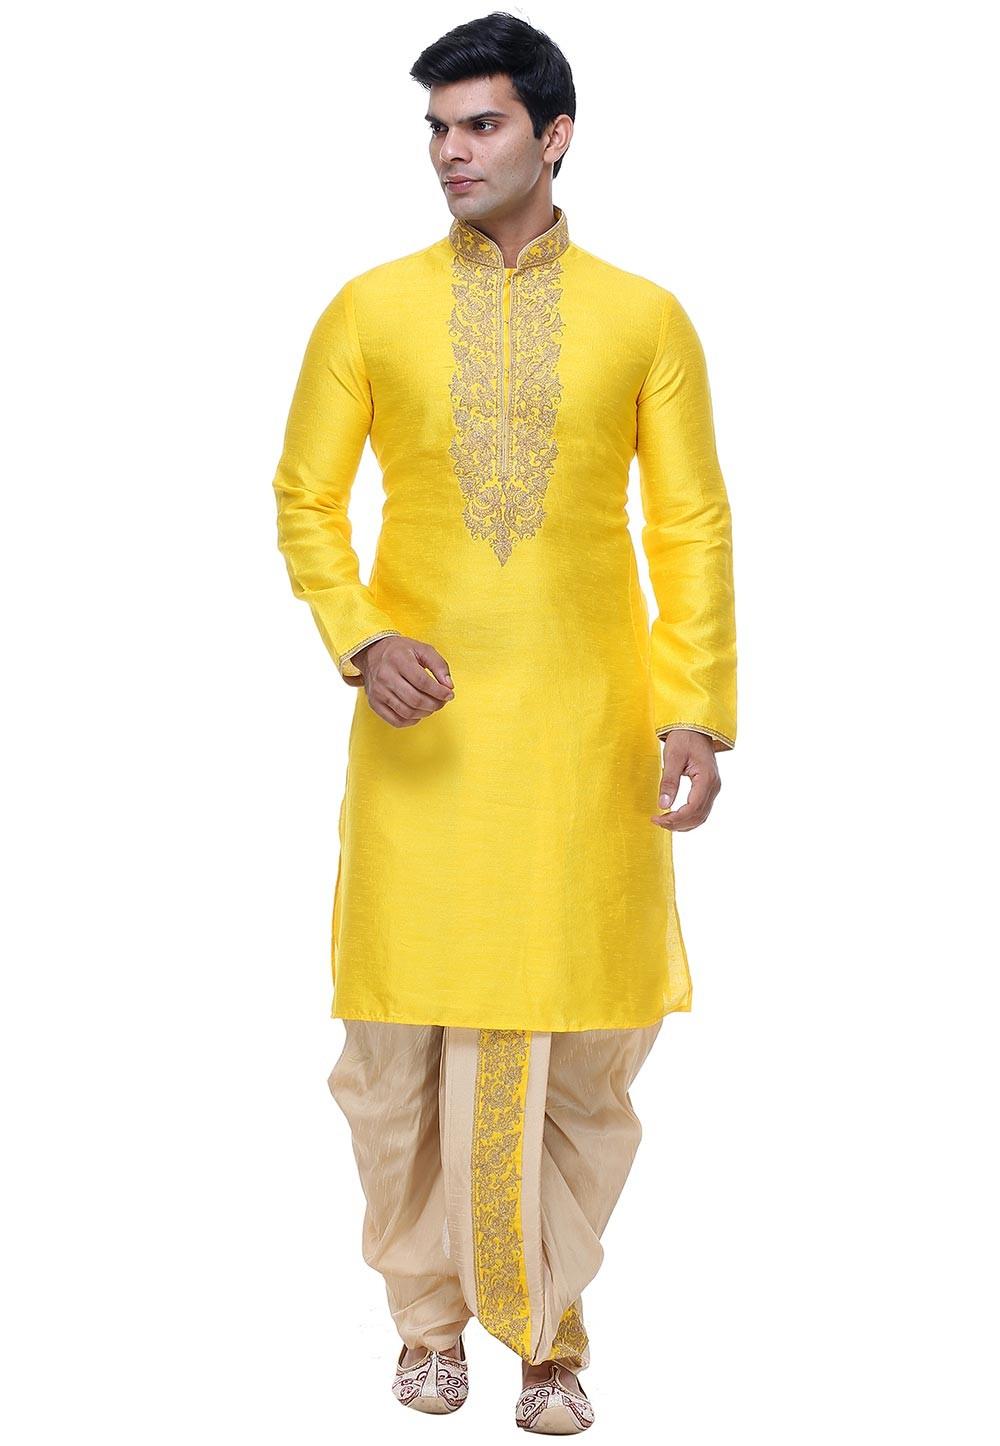 Buy Dhoti Kurta Online for Men in Yellow Color